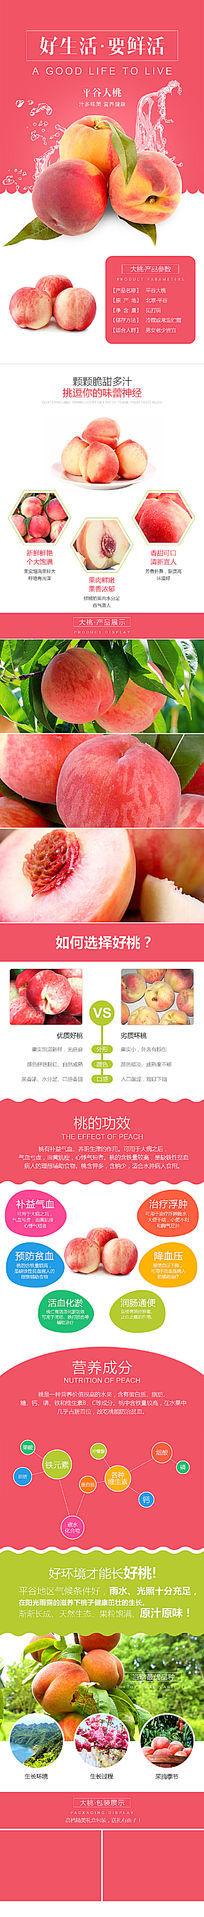 淘宝水蜜桃详情页水果宝贝描述模板